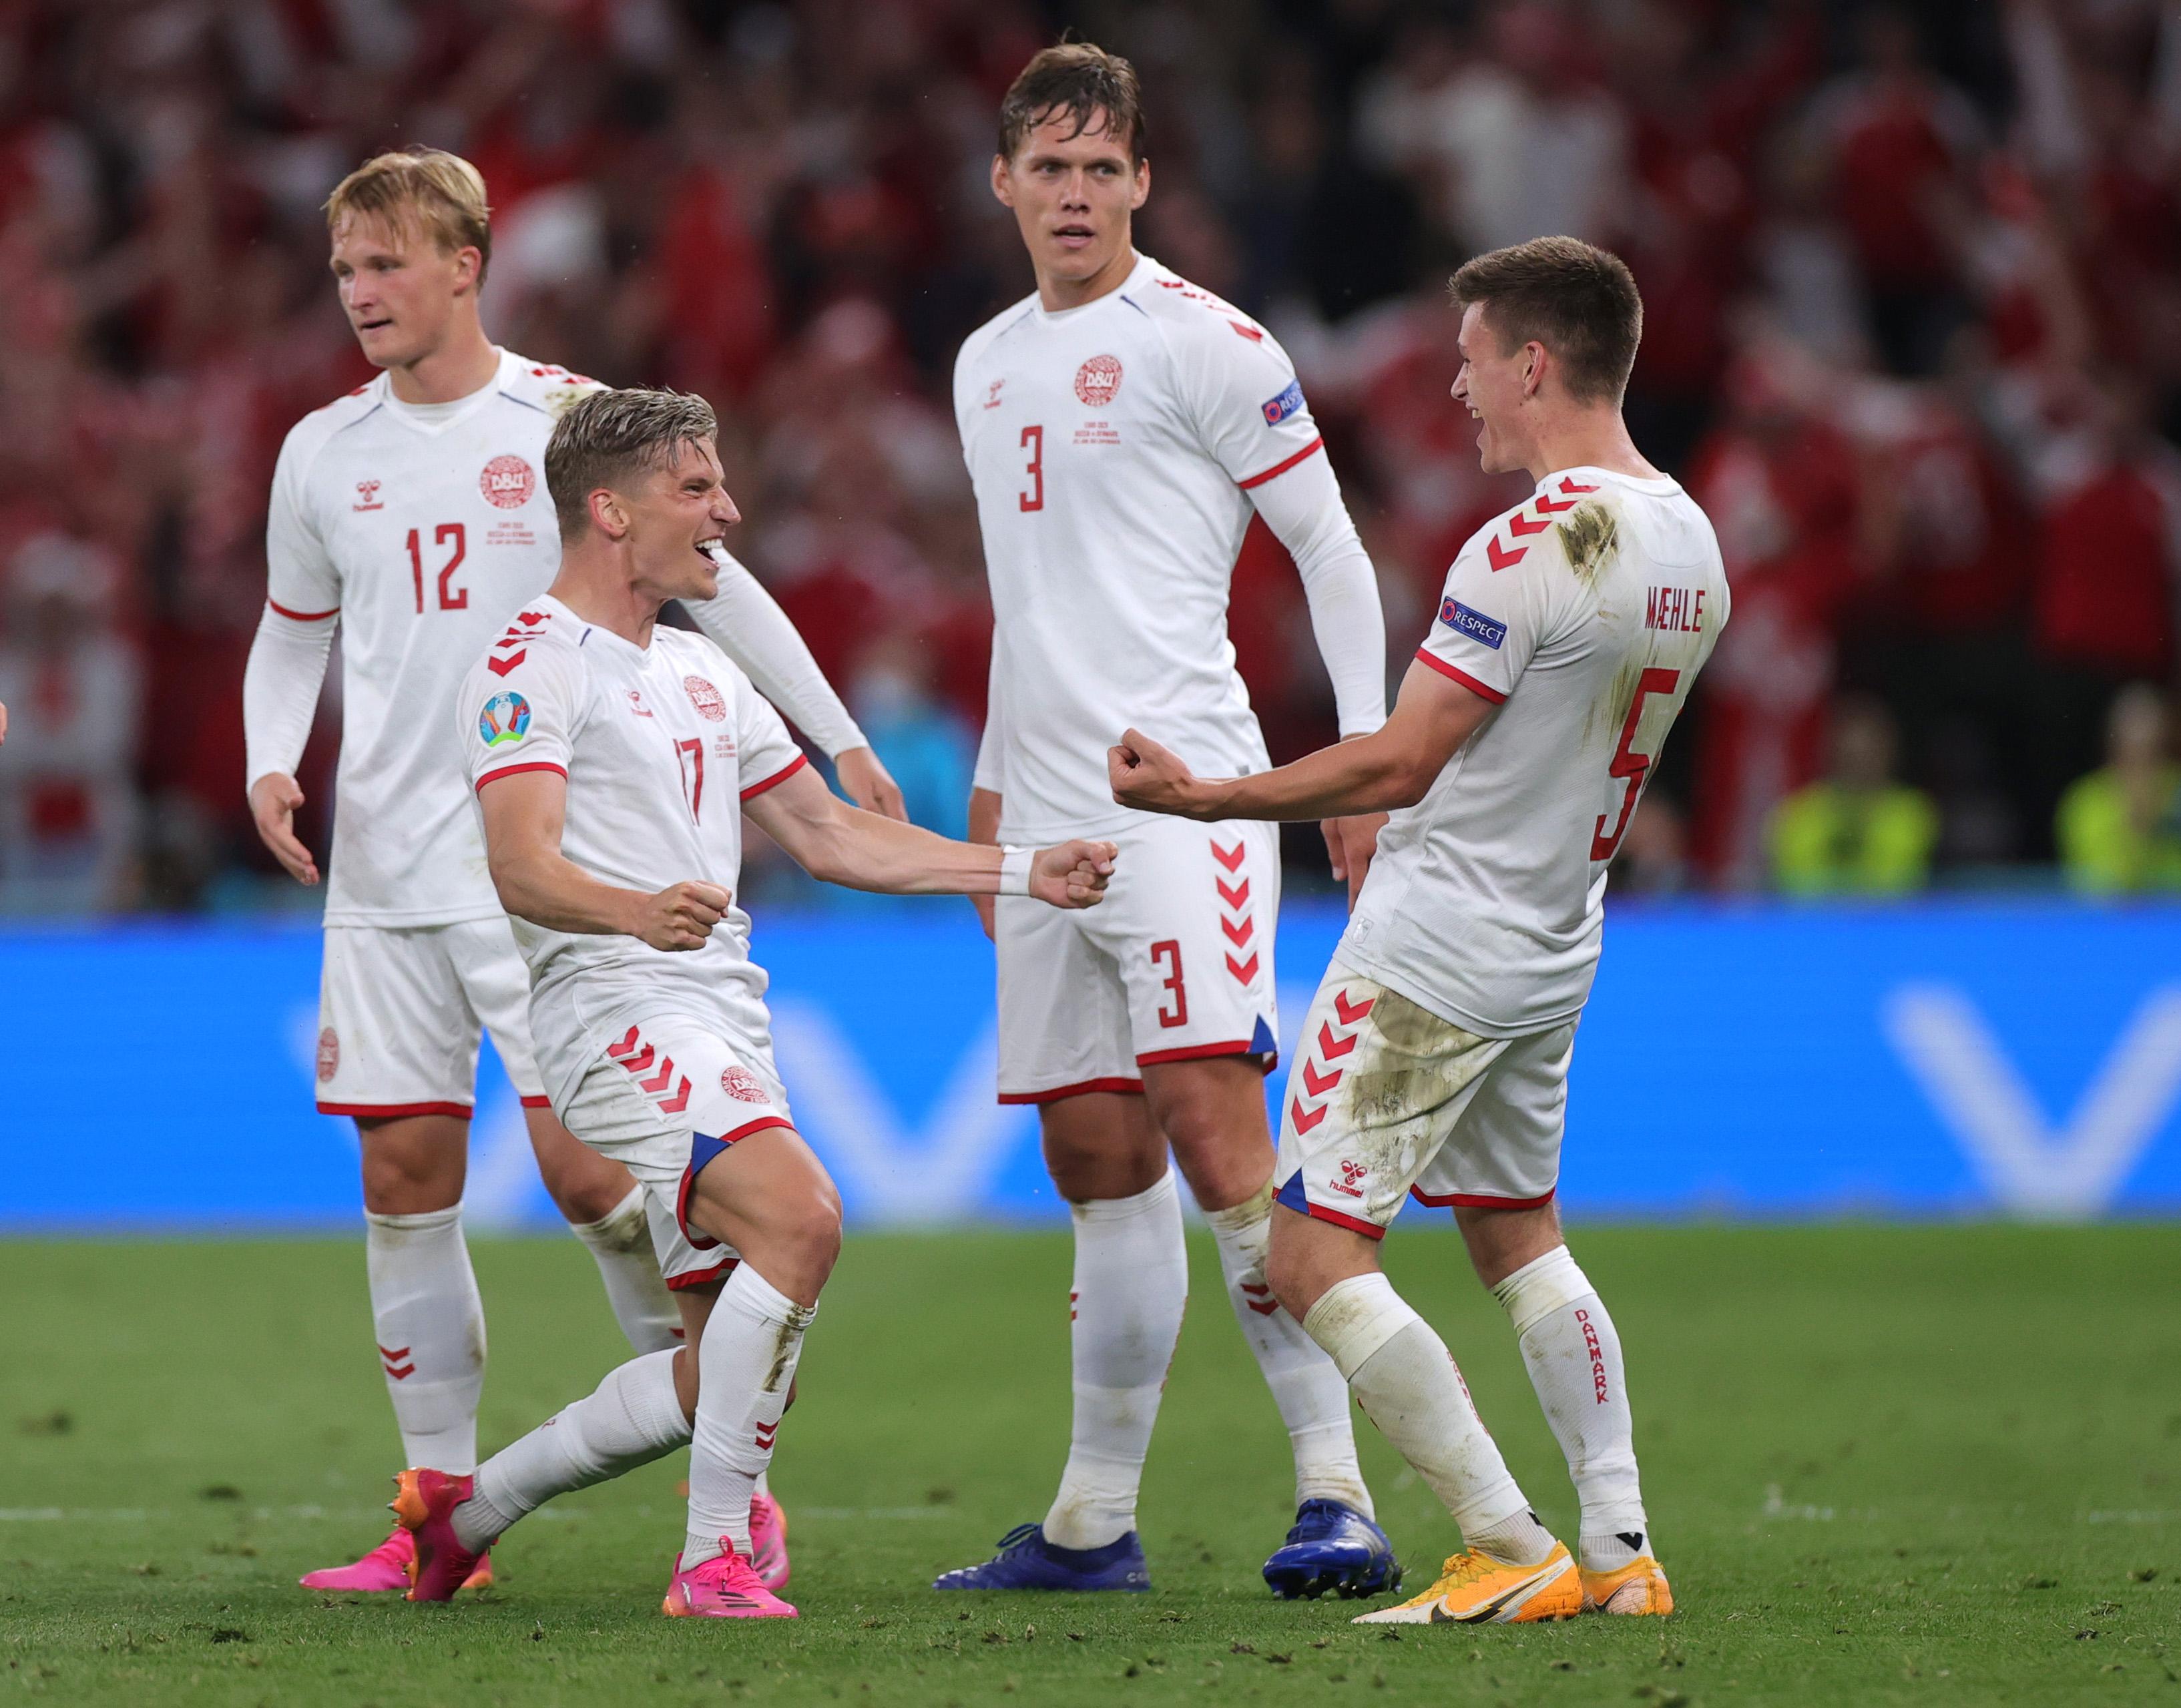 Soccer Football - Euro 2020 - Group B - Russia v Denmark - Parken Stadium, Copenhagen, Denmark - June 21, 2021  Denmark's Joakim Maehle celebrates scoring their fourth goal with teammates Pool via REUTERS/Friedemann Vogel